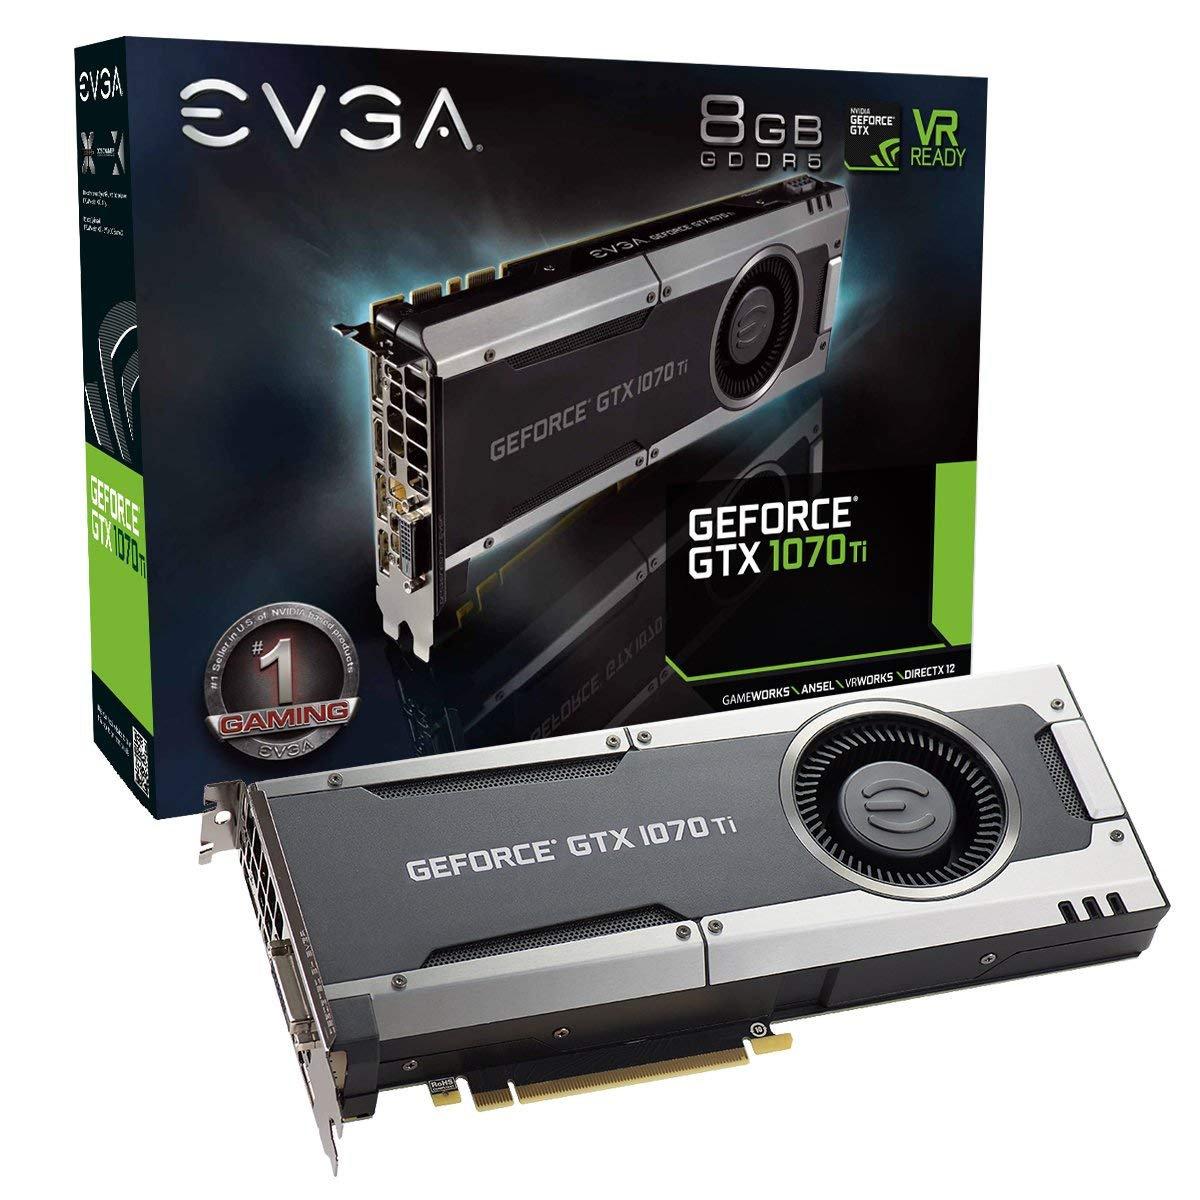 EVGA GeForce GTX 1070 Ti